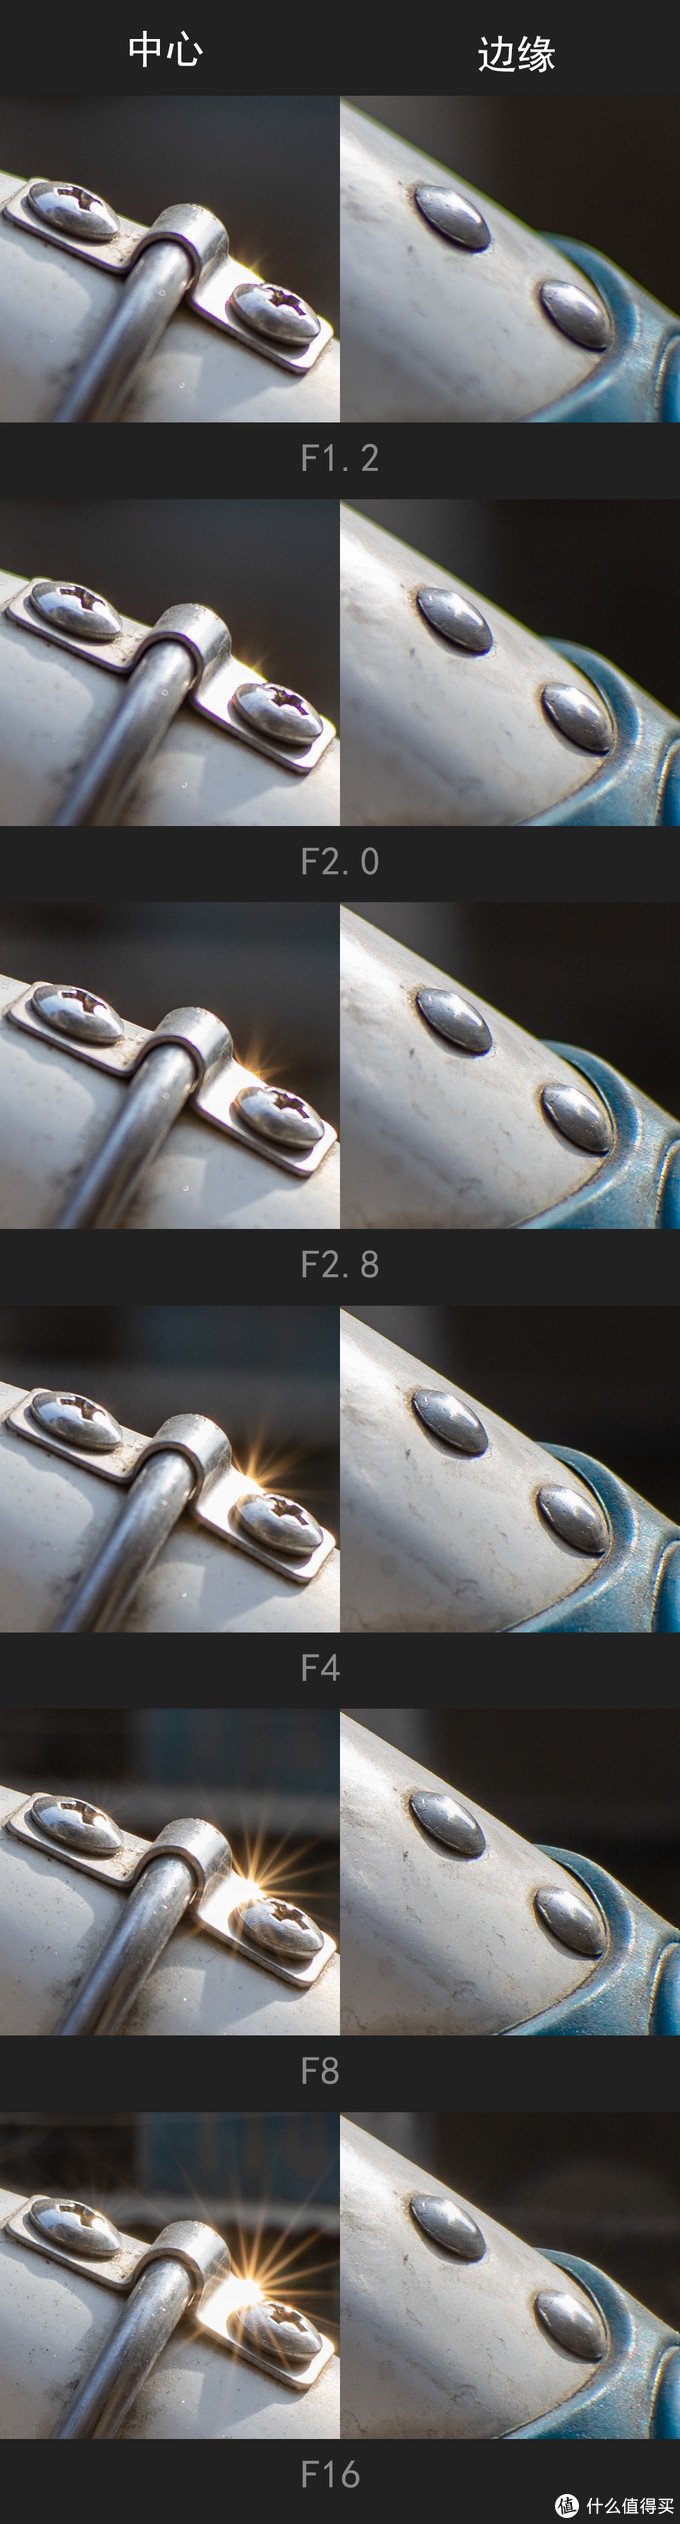 变色龙CEN APS-C画幅35MM f1.2 高性价比手动镜头